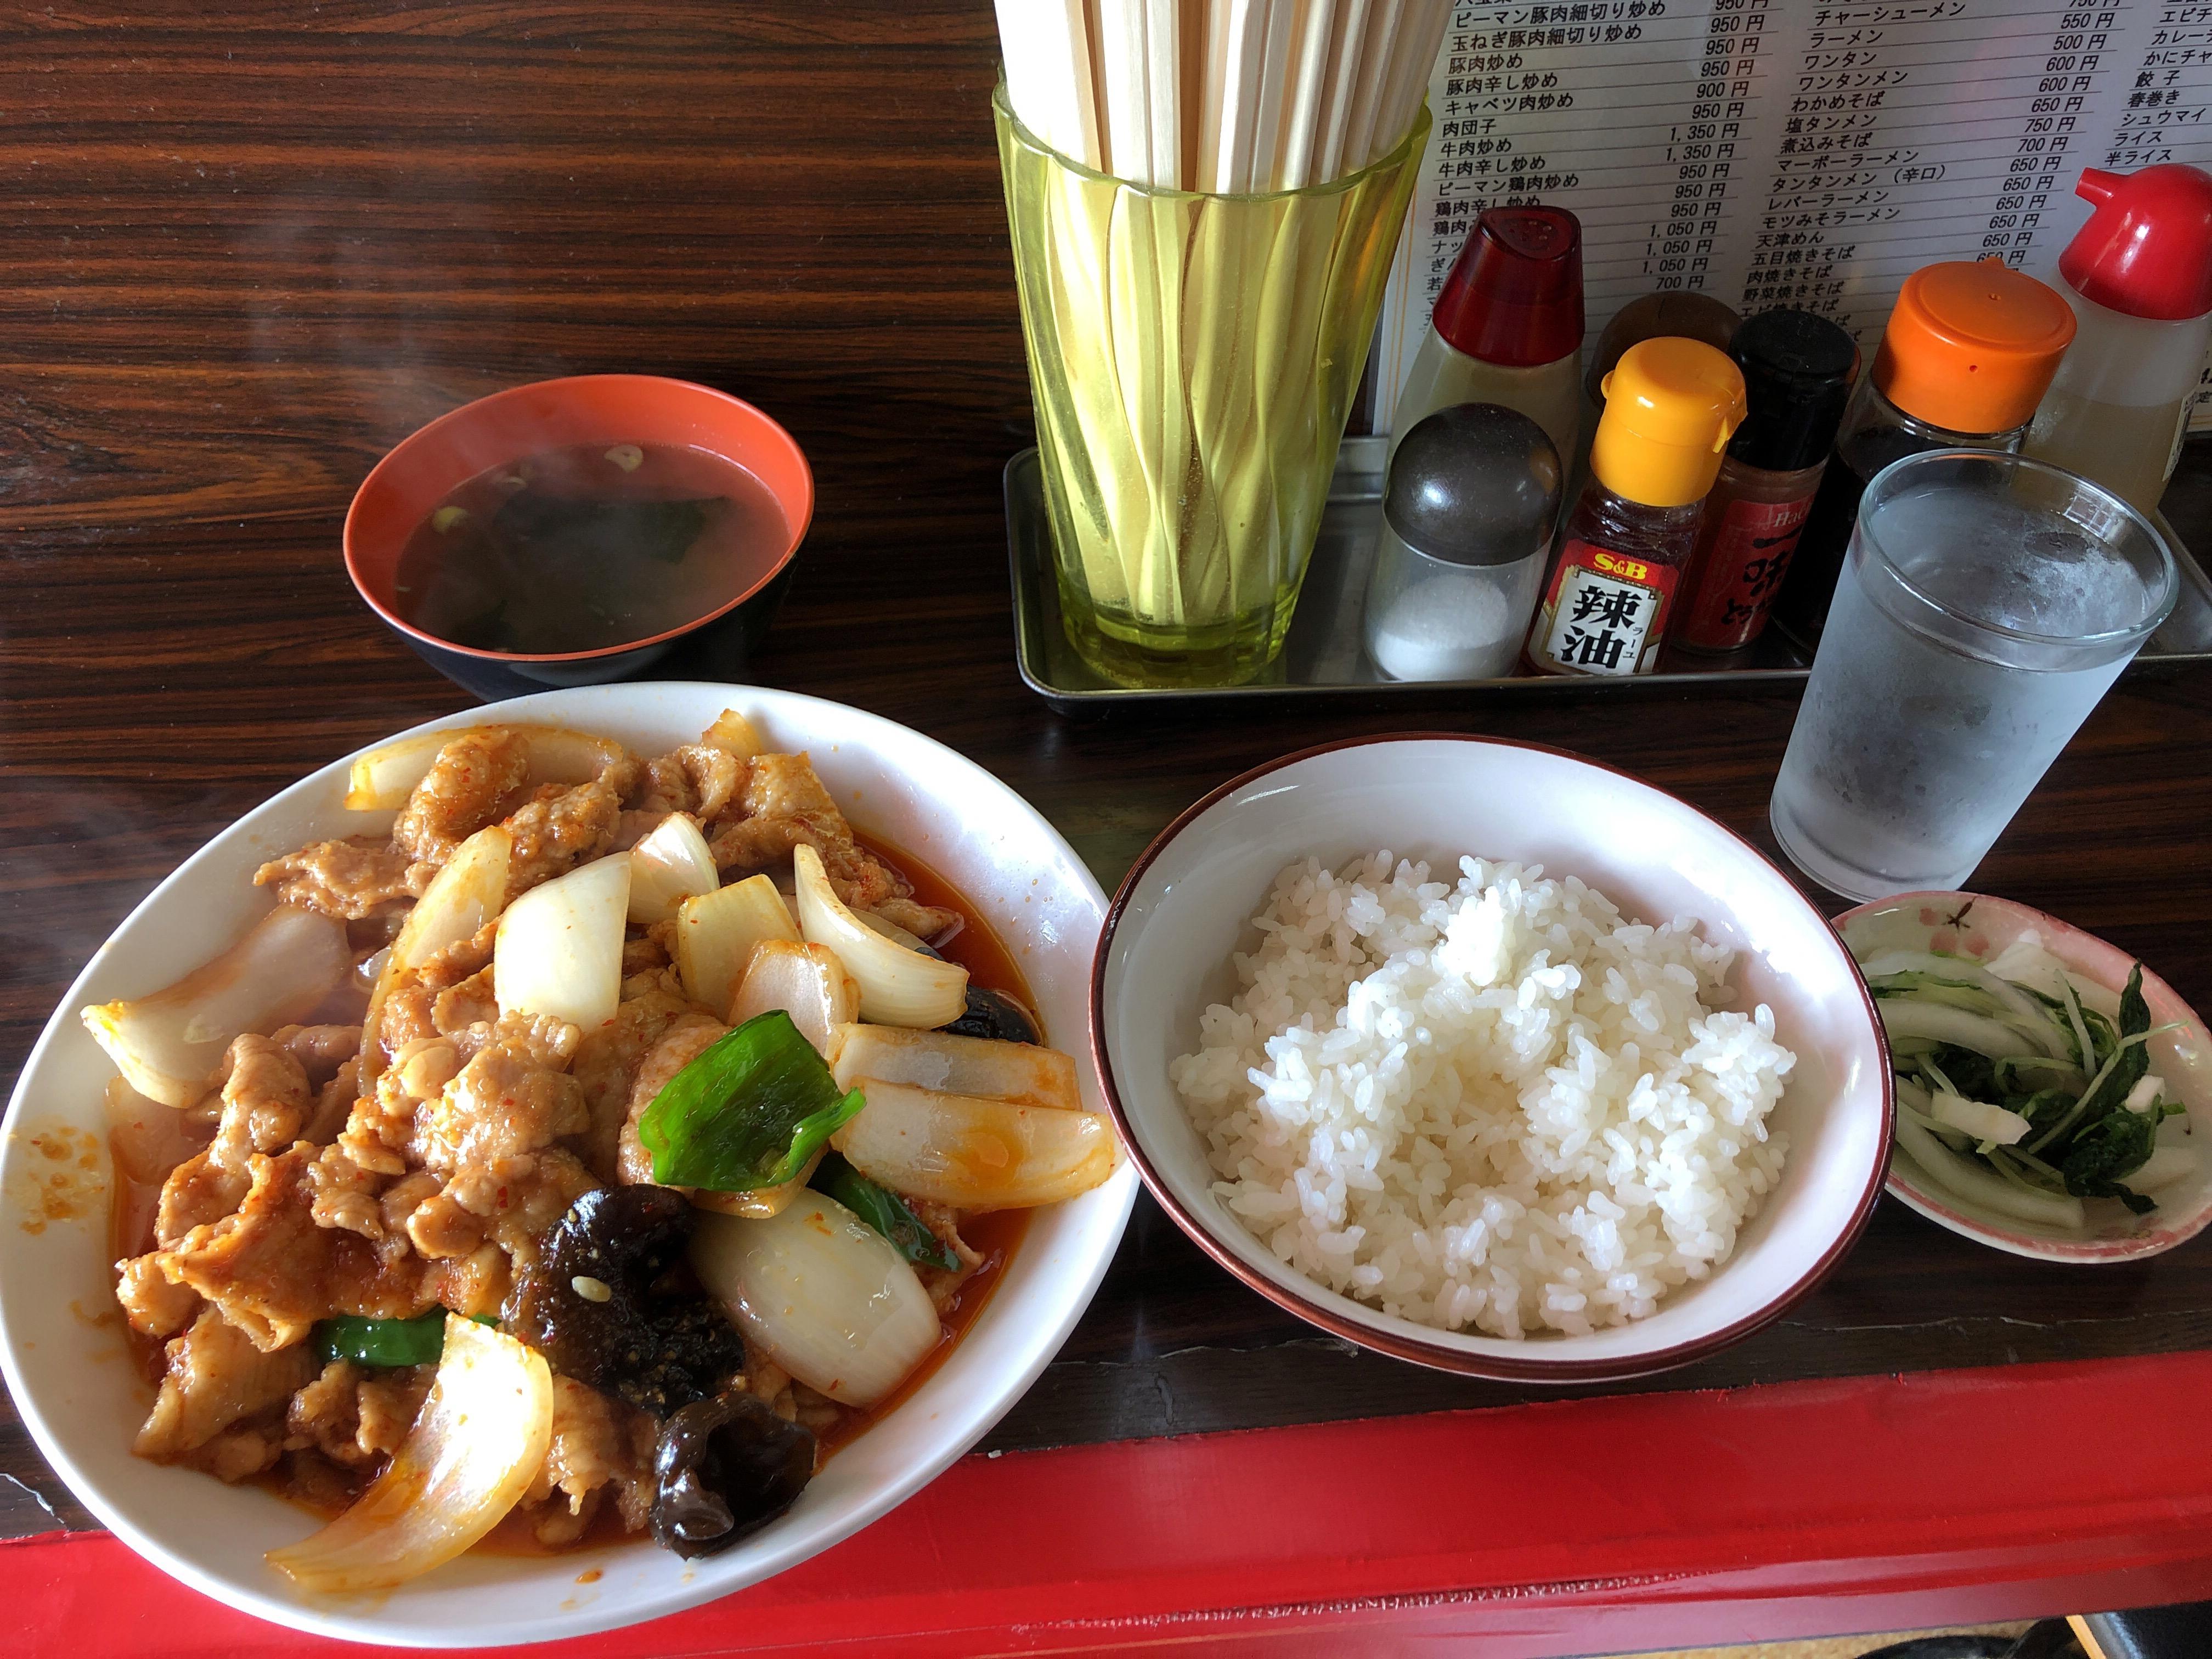 鹿沼市緑町にひっそりとある中華屋さん栄蘭飯店、ボリューム満点の豚辛し炒め定食に大満足